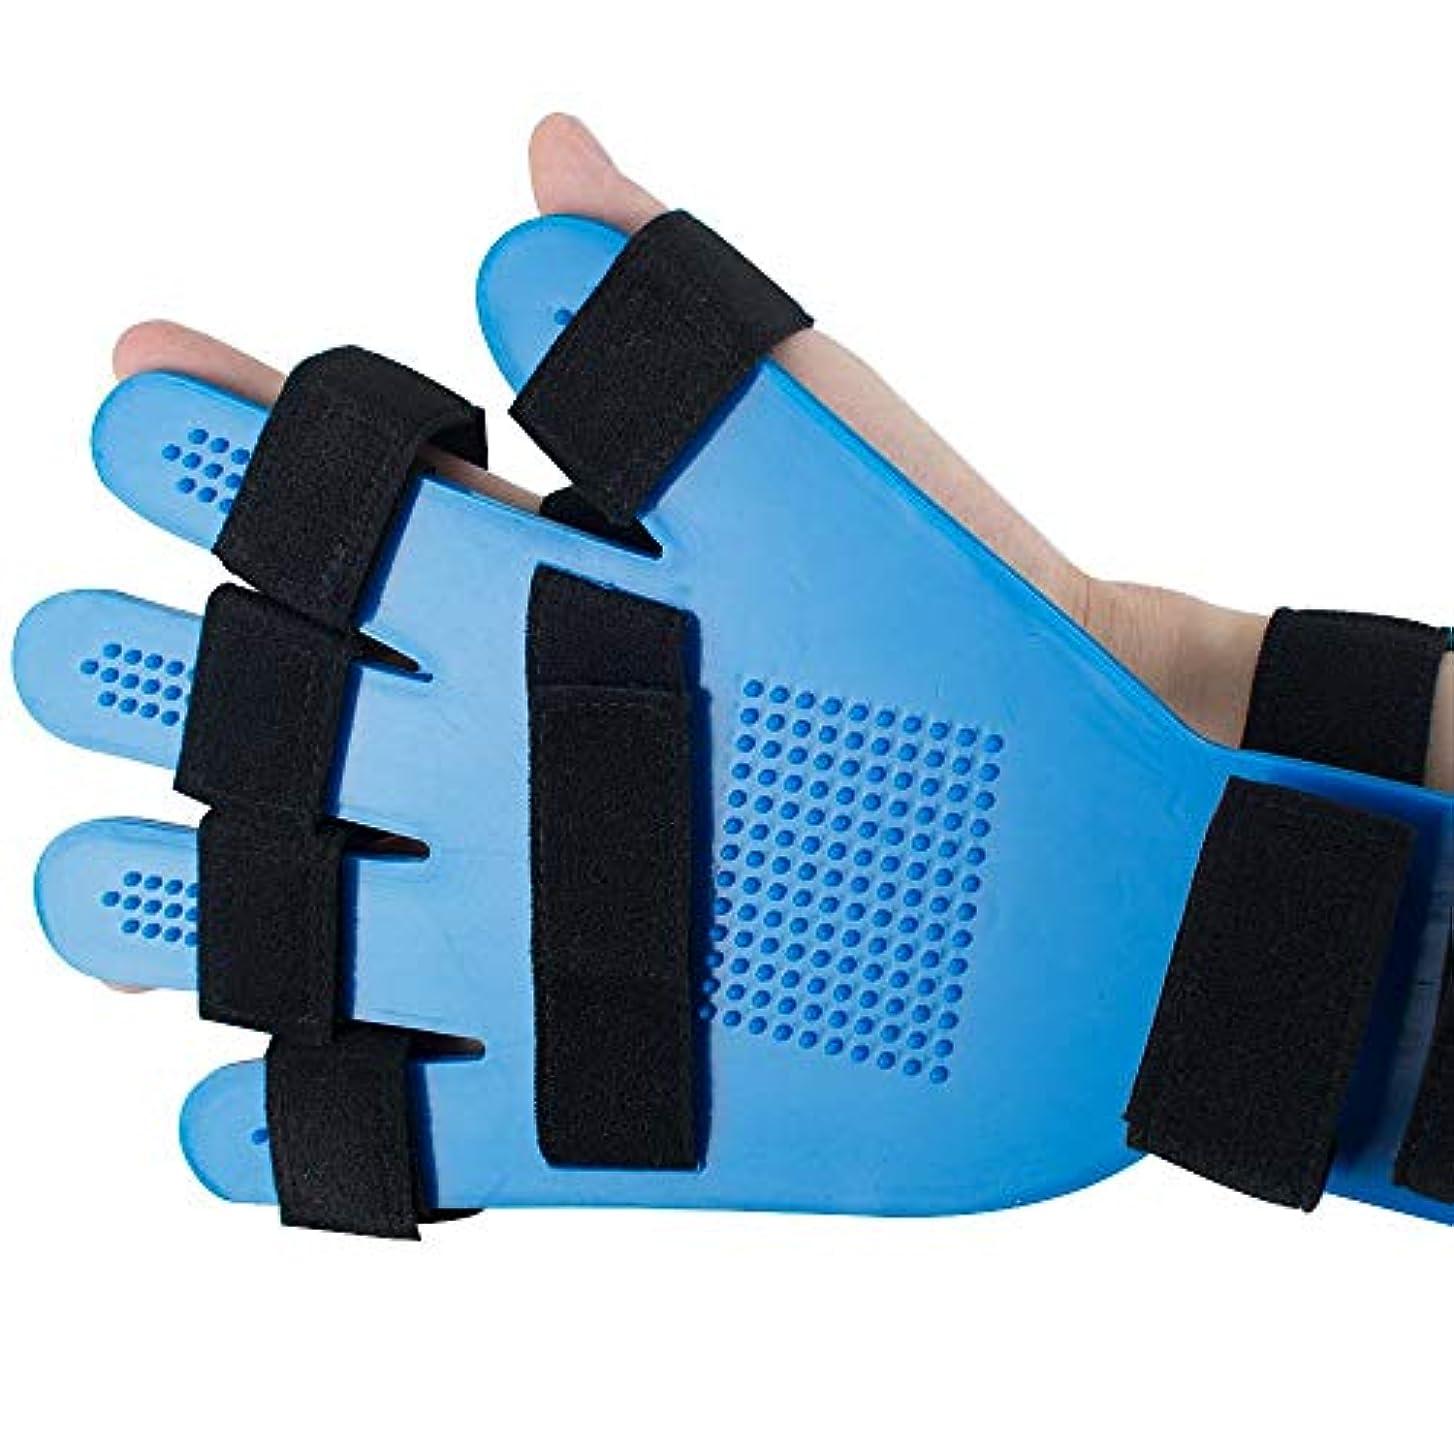 嫉妬上昇どちらも指の添え木、指板指の分離器矯正具、ポイント手首手首訓練装具装具サポート右左男性女性